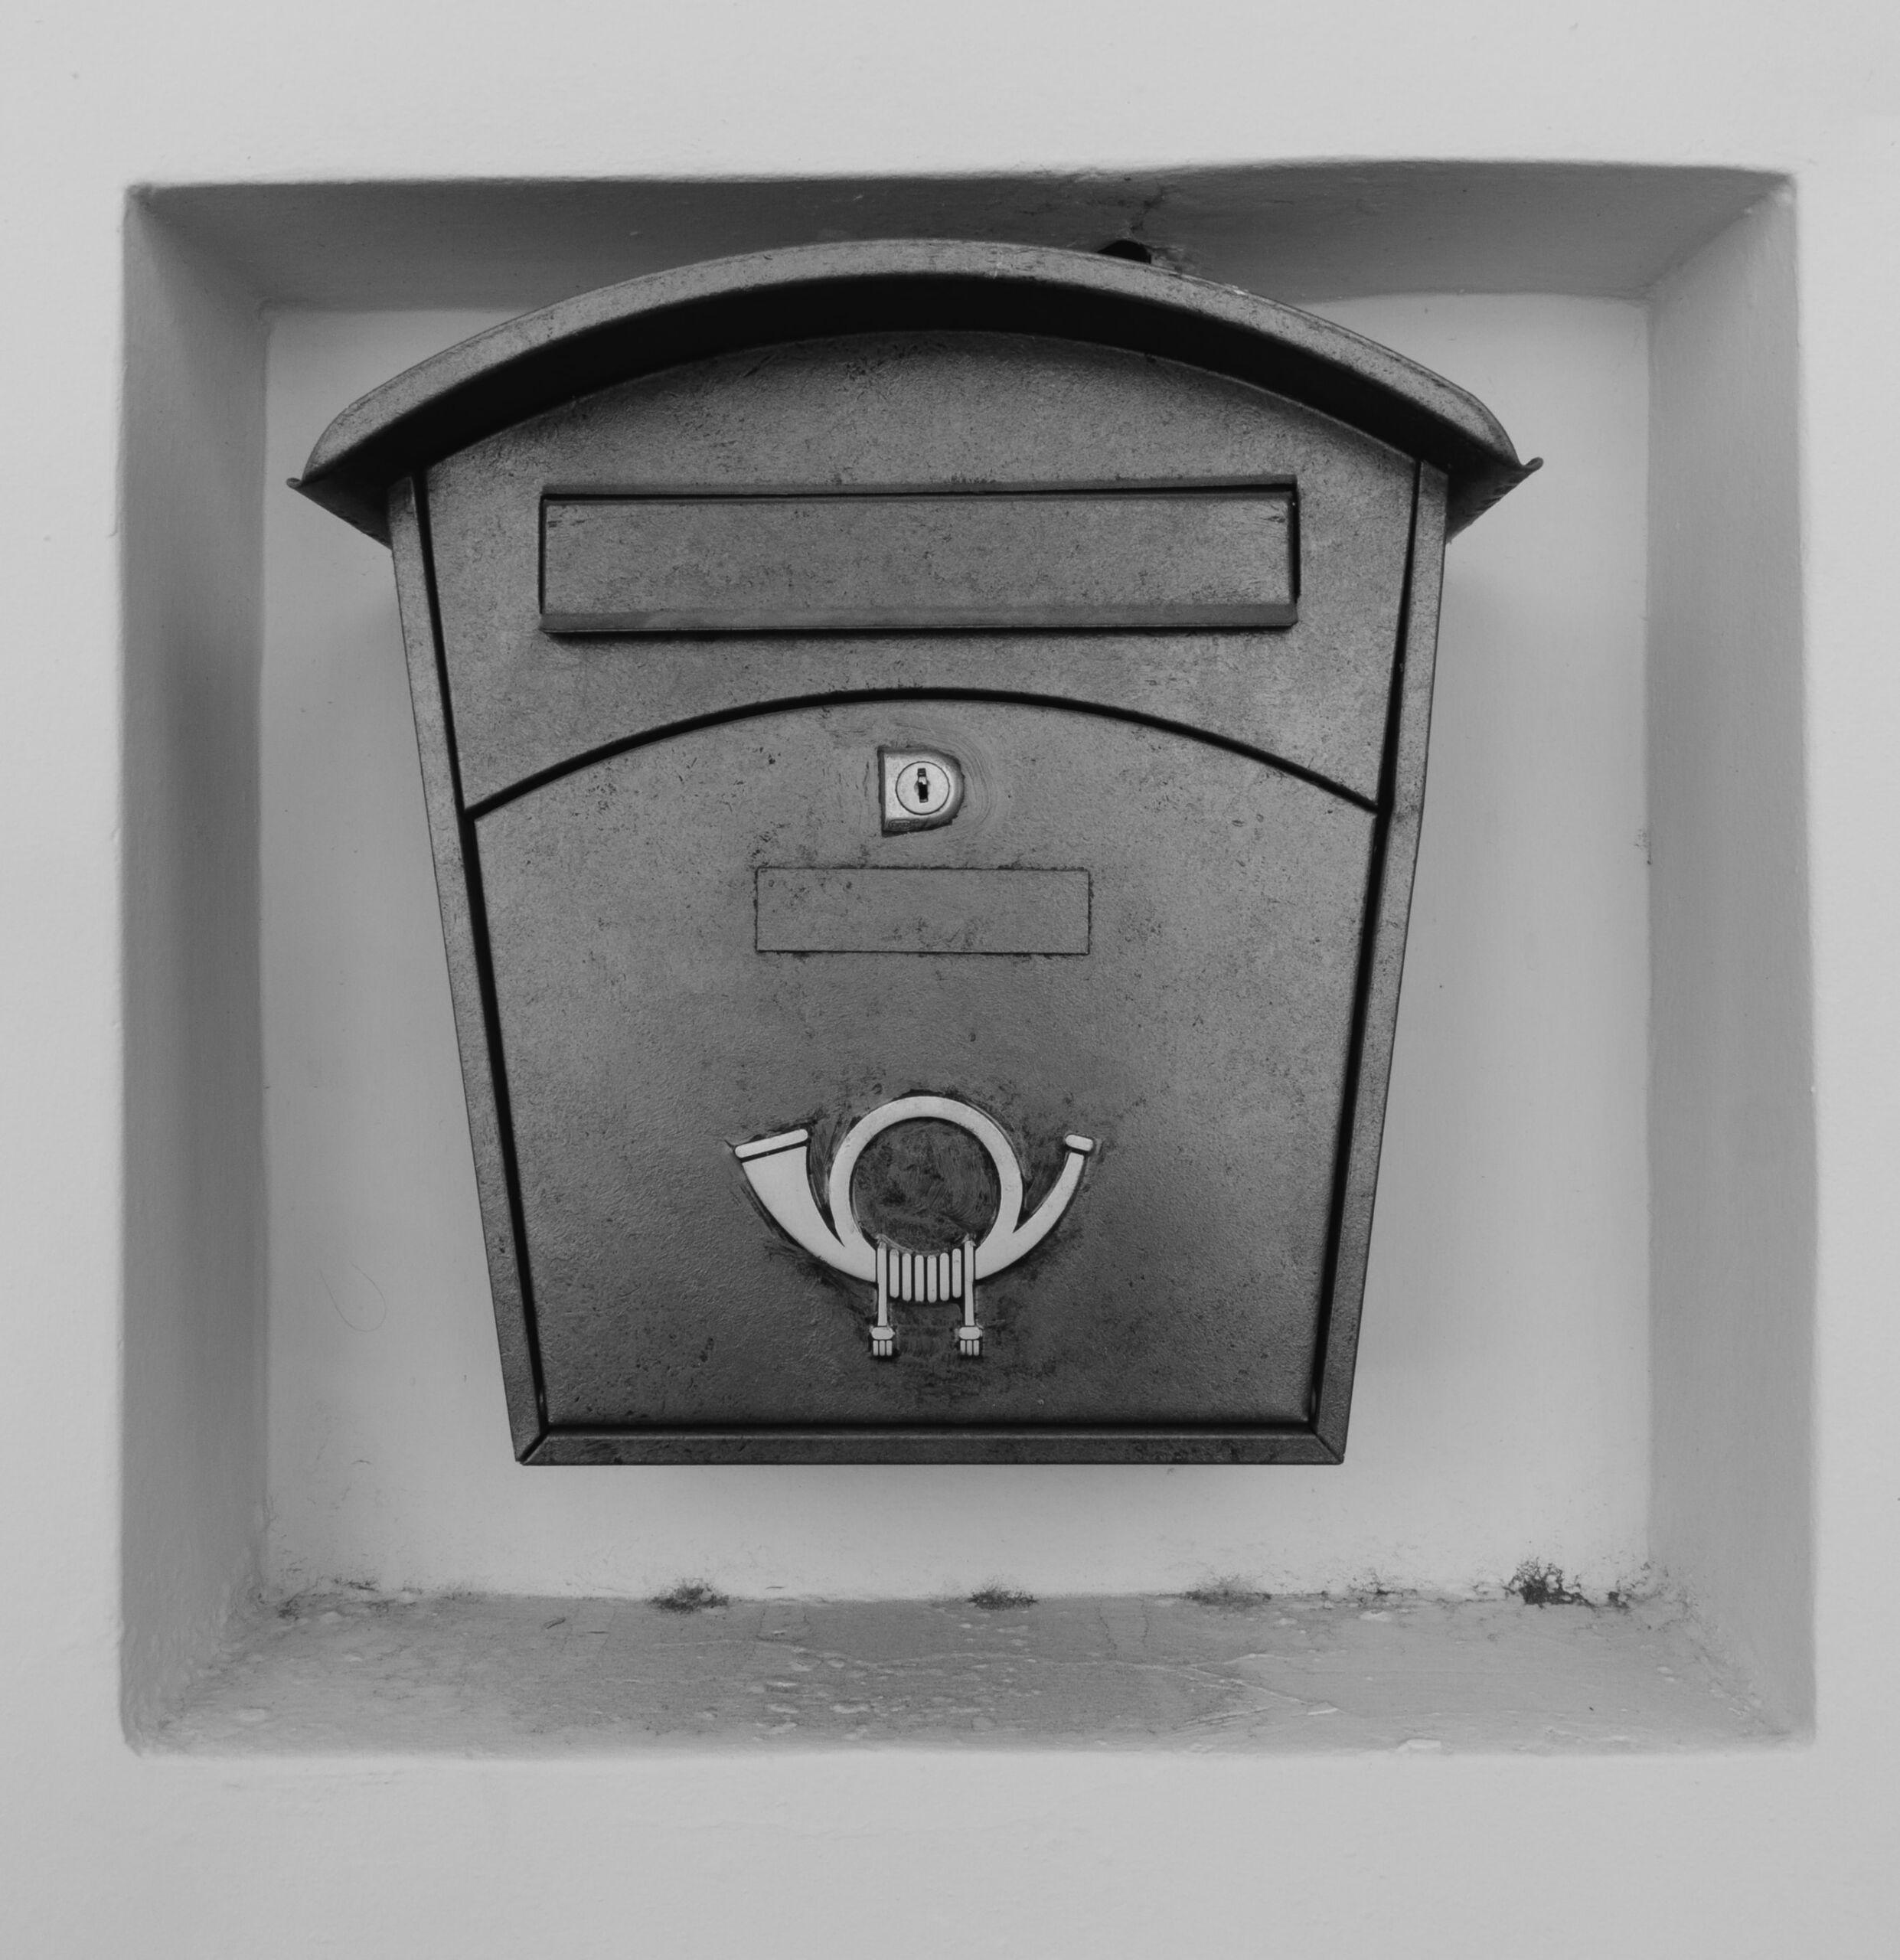 Ein schwarz-weiß Bild eines Briefkastens mit dem Zeichen der Post